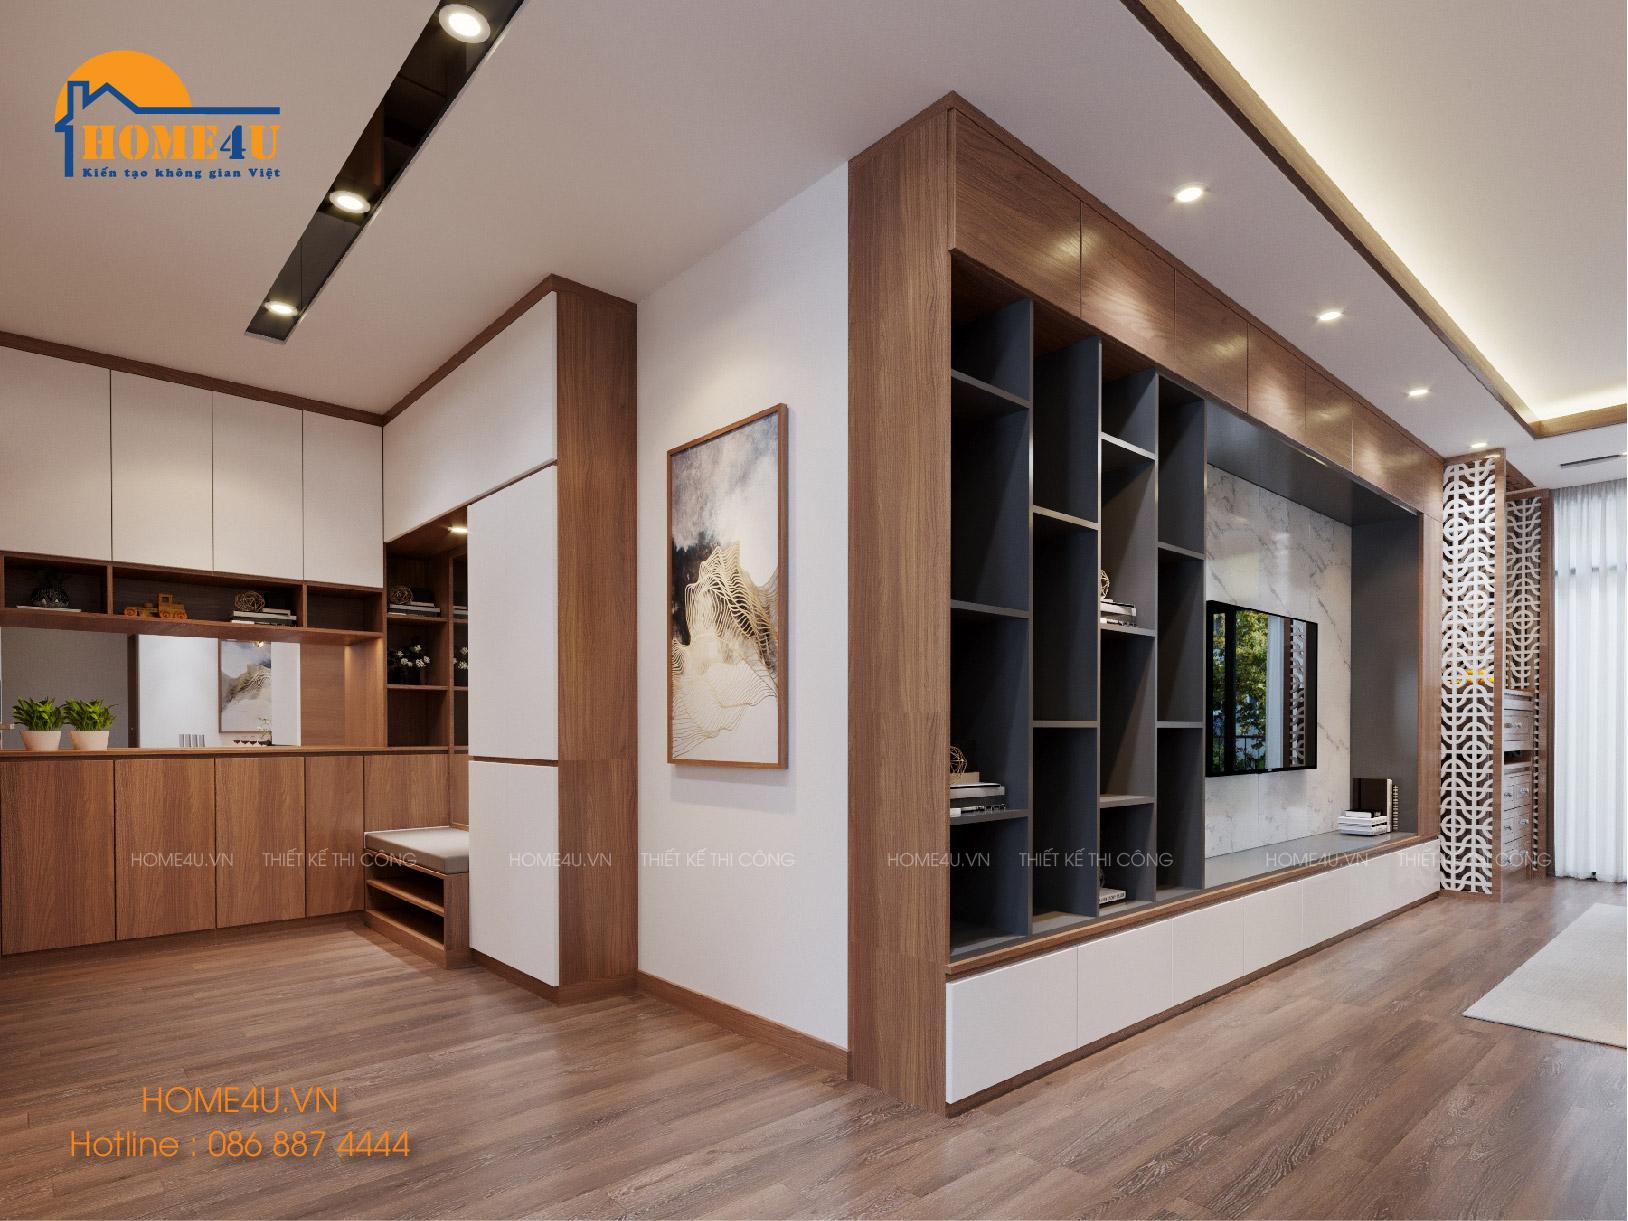 Mẫu thiết kế nội thất chung cư IA 20 CIPUTRA hiện đại - NTCC2004